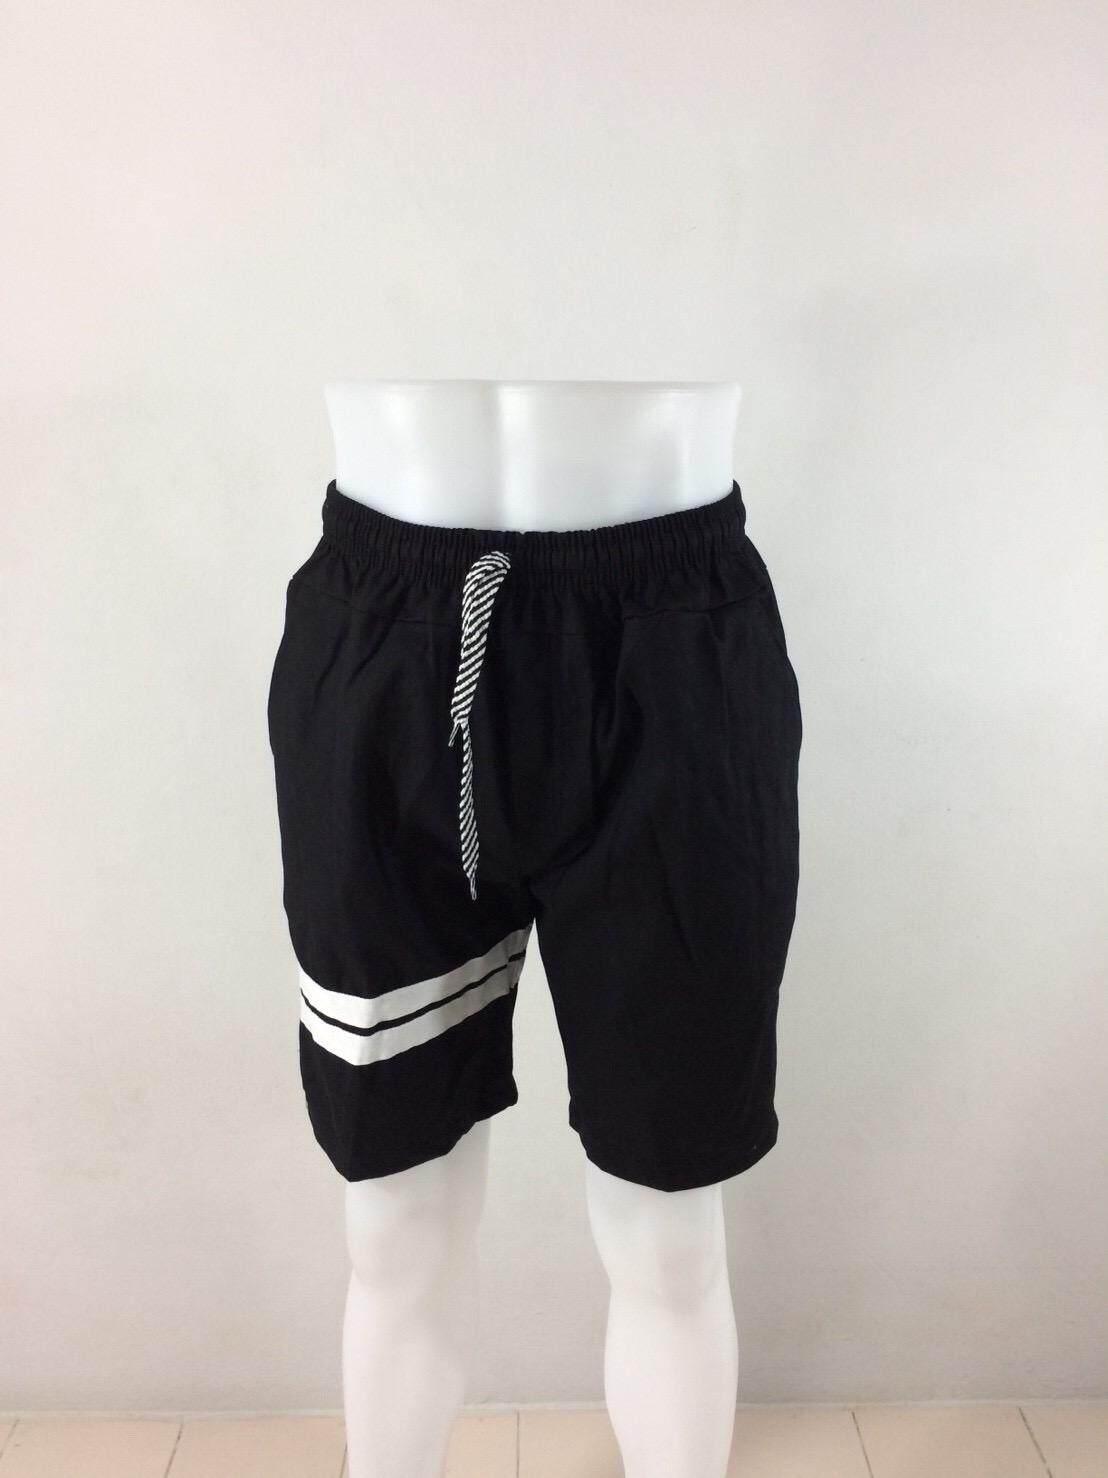 Clothing1618534 ค้นพบสินค้าใน เสื้อผ้าเรียงตาม:ความเป็นที่นิยมจำนวนคนดู: